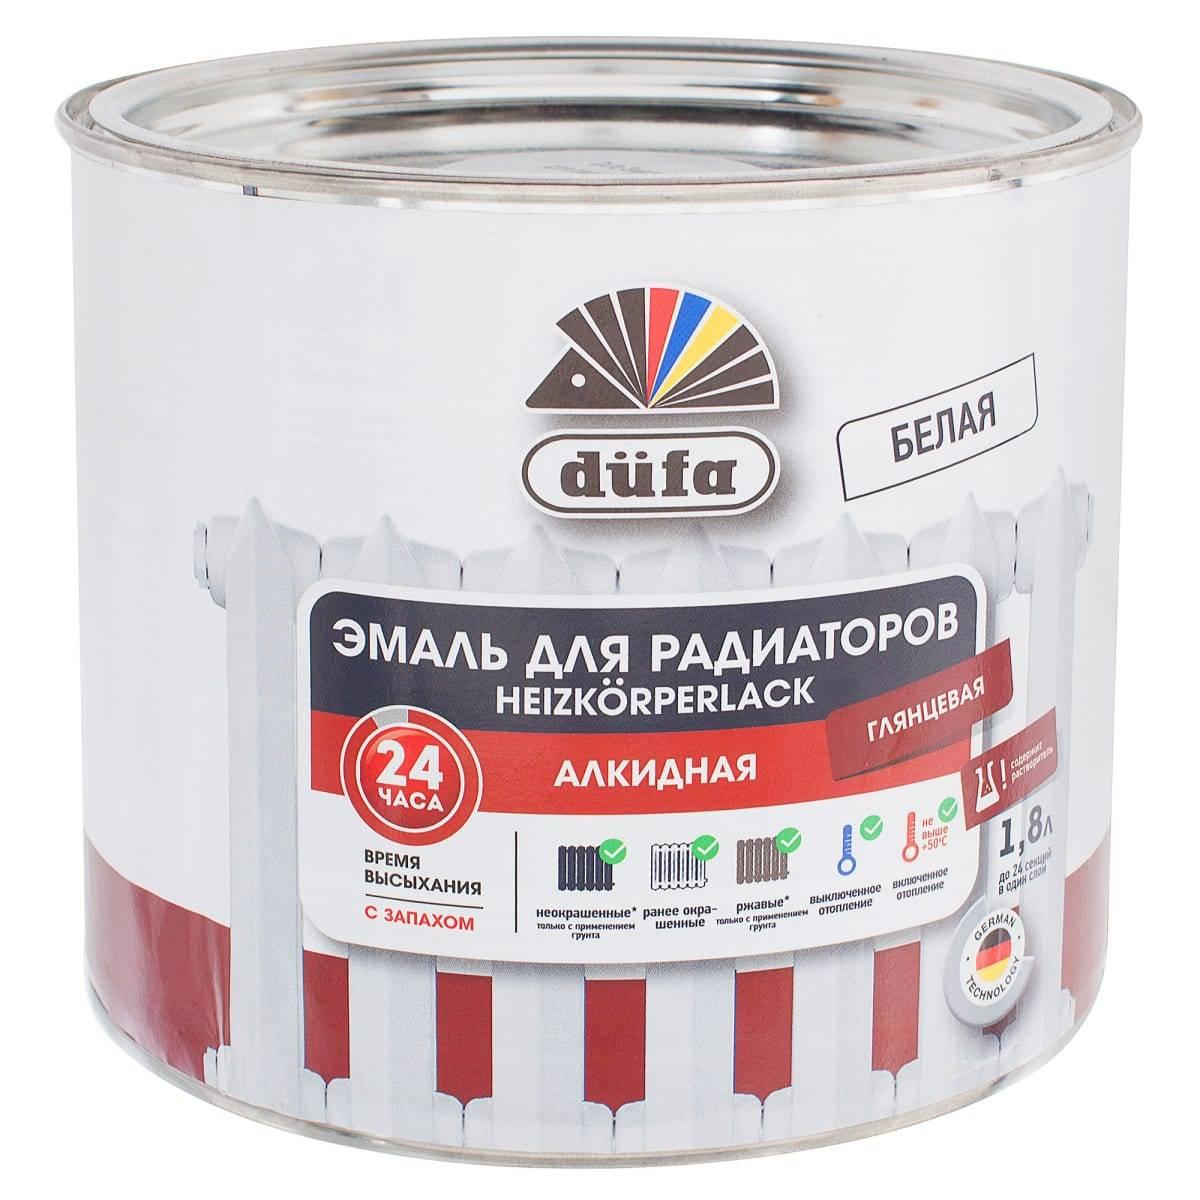 Как покрасить батарею отопления: рекомендации и фото, выбор краски